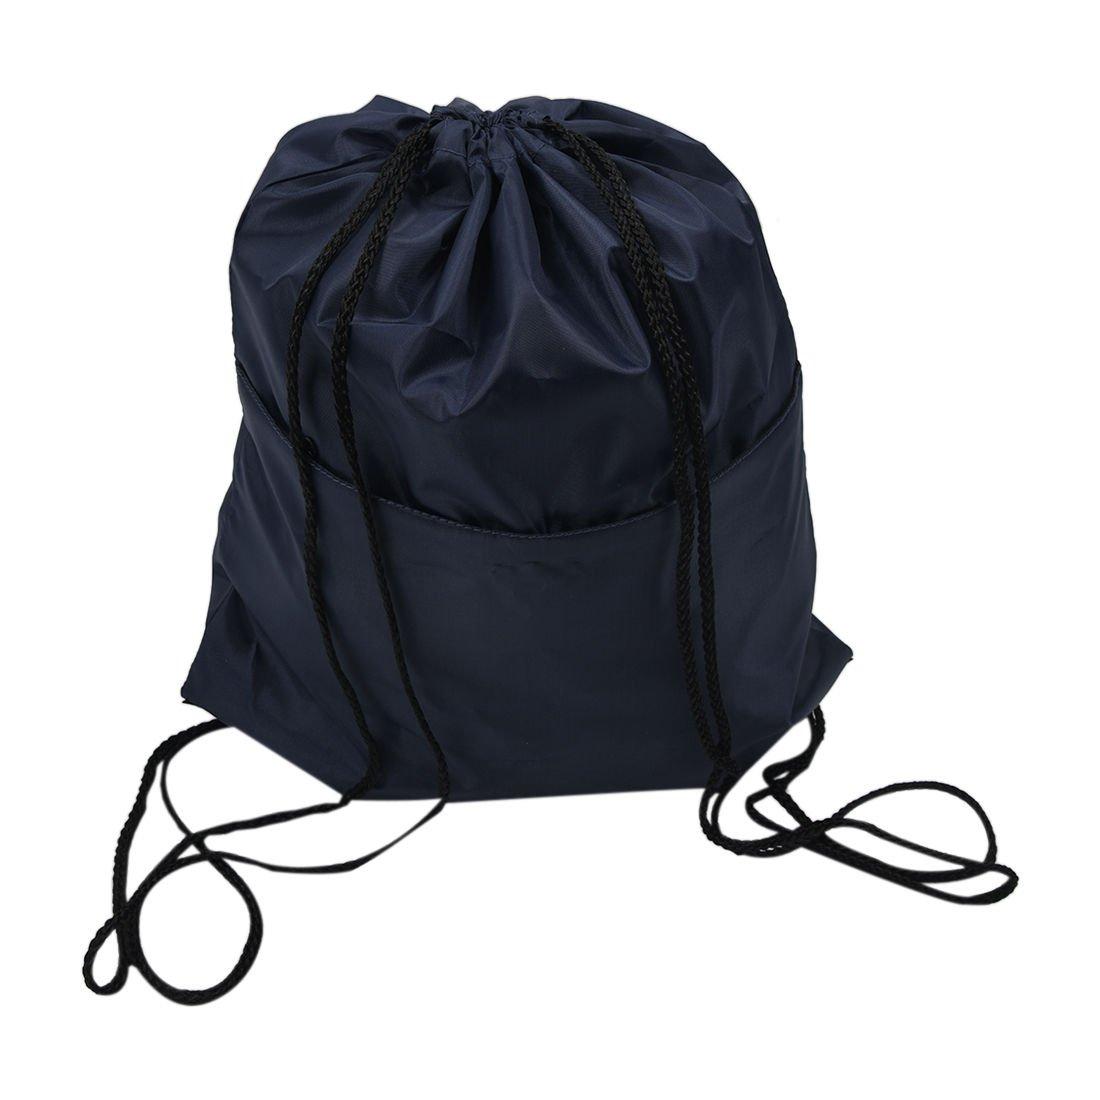 バックパック – TOOGOO ( R )ジムバッグスポーツバッグジムバッグバックパックバッグバッグ7色深いブルー B00YIDQGKS